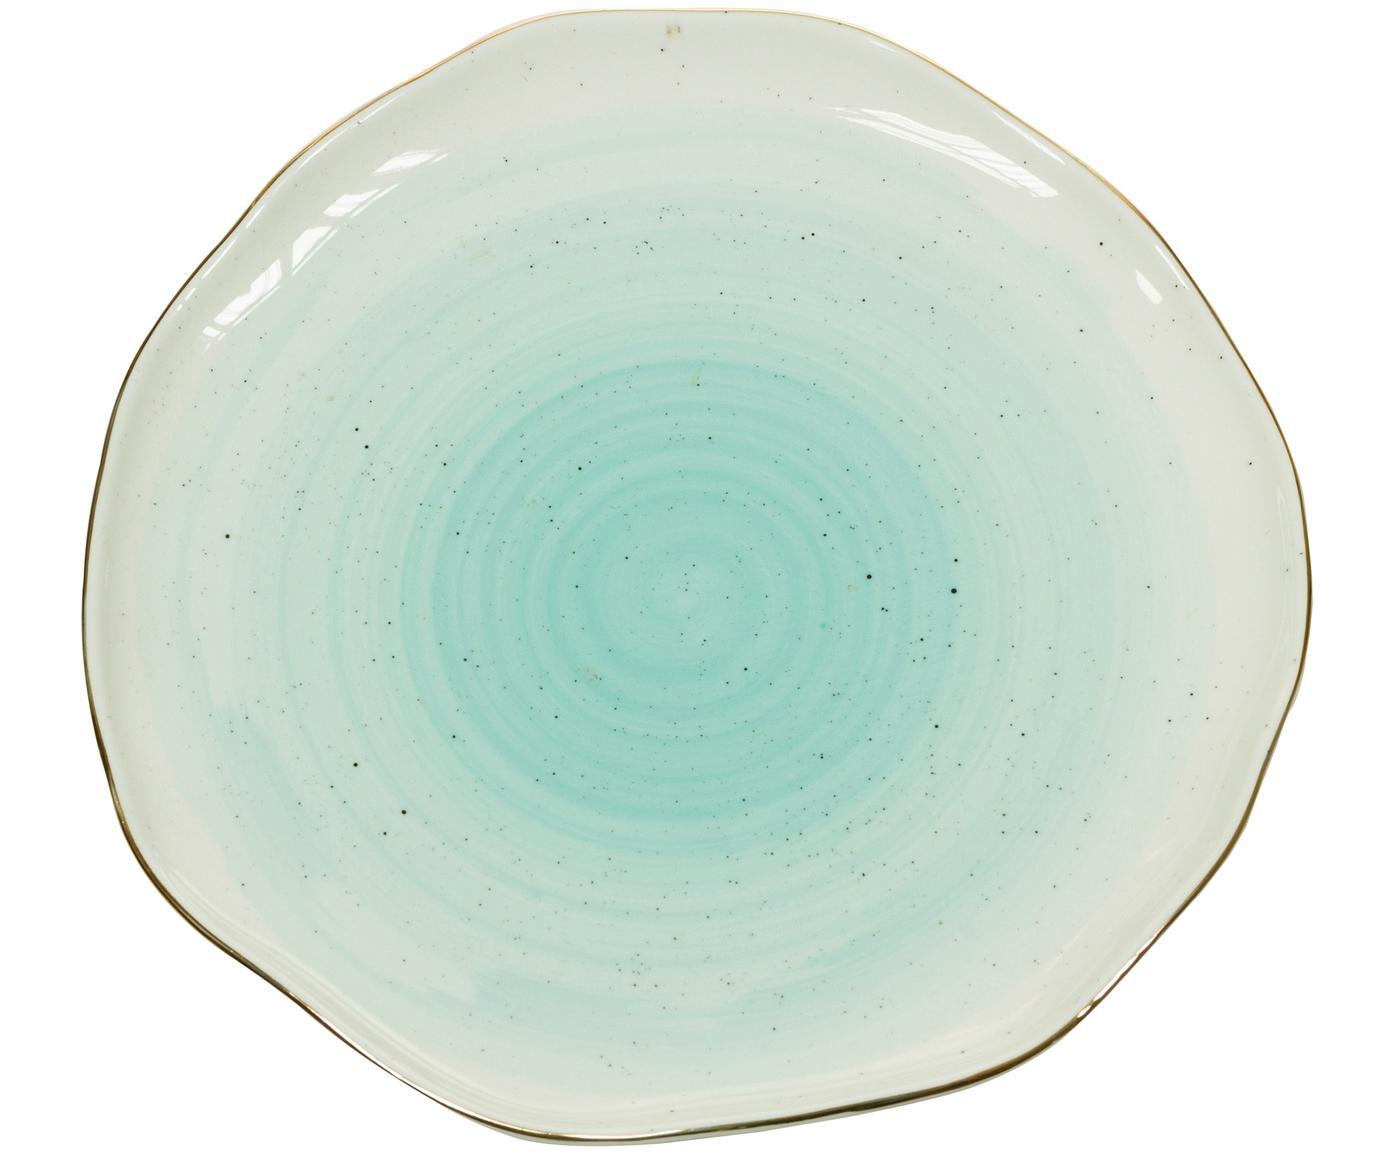 Handgemachte Speiseteller Bol mit Goldrand, 2 Stück, Porzellan, Türkisblau, Ø 26 x H 3 cm